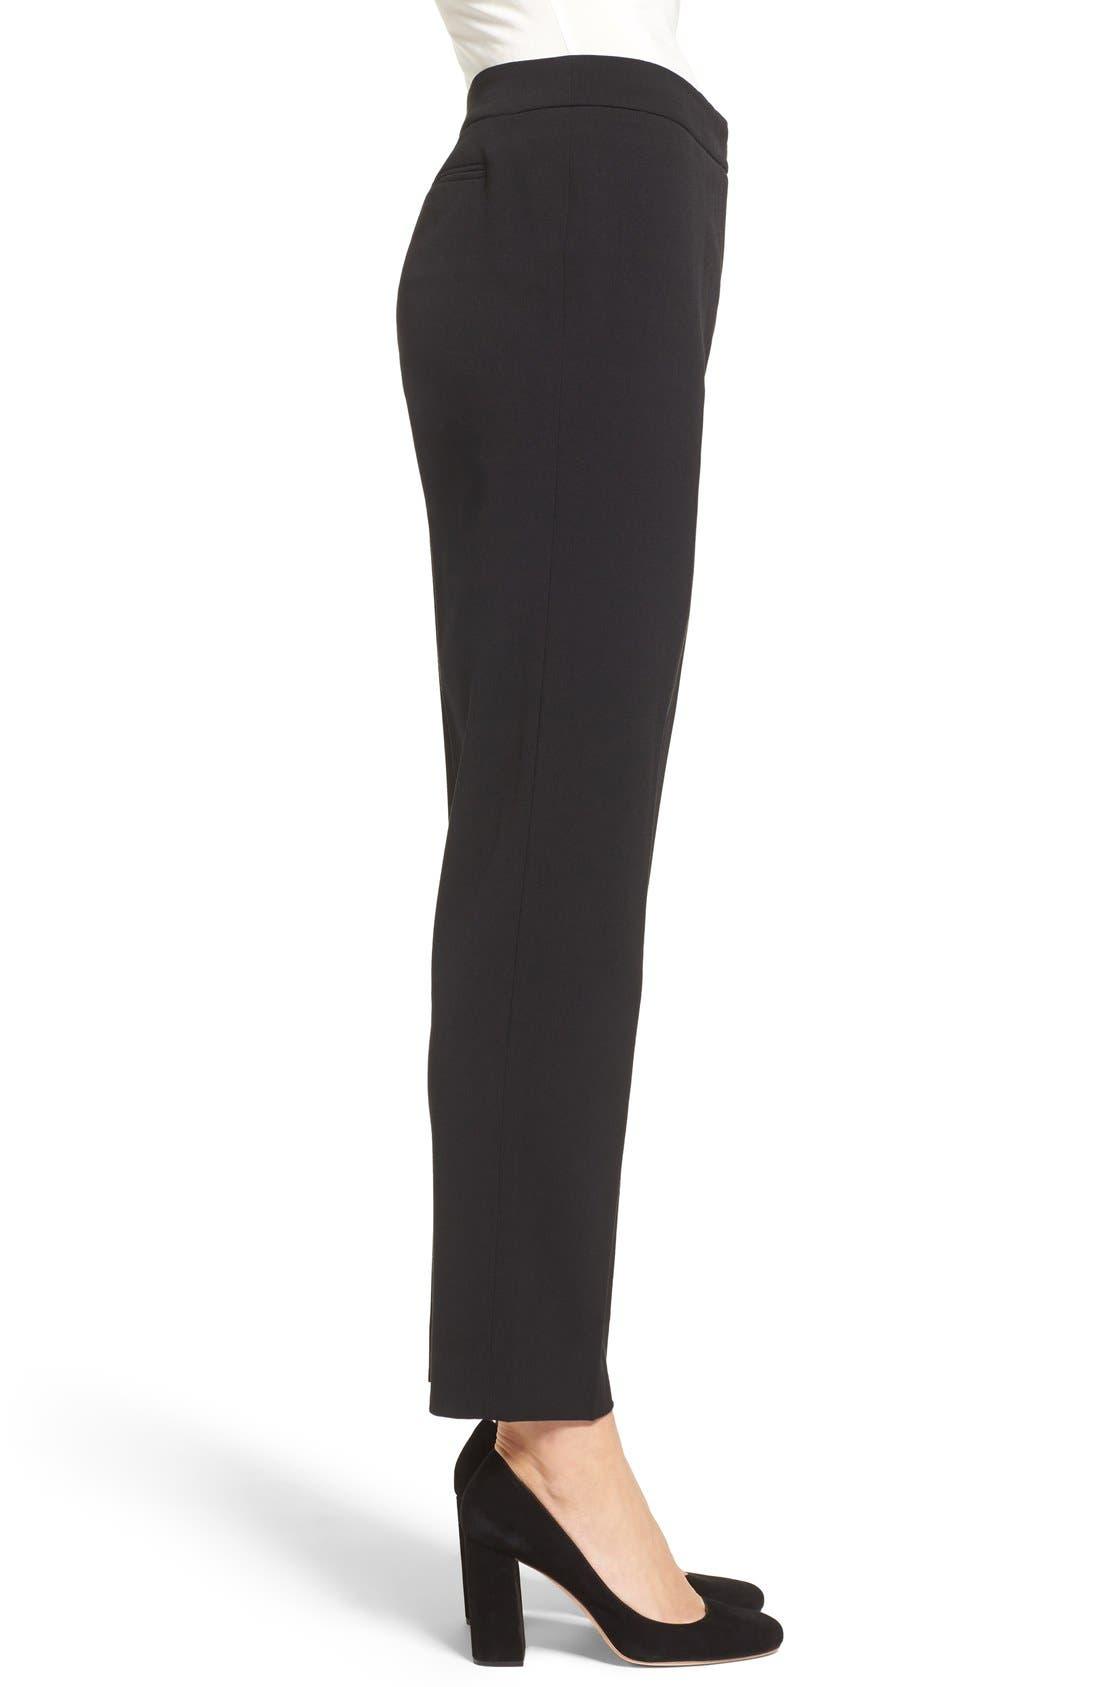 ANNE KLEIN, Slim Suit Pants, Alternate thumbnail 2, color, 001